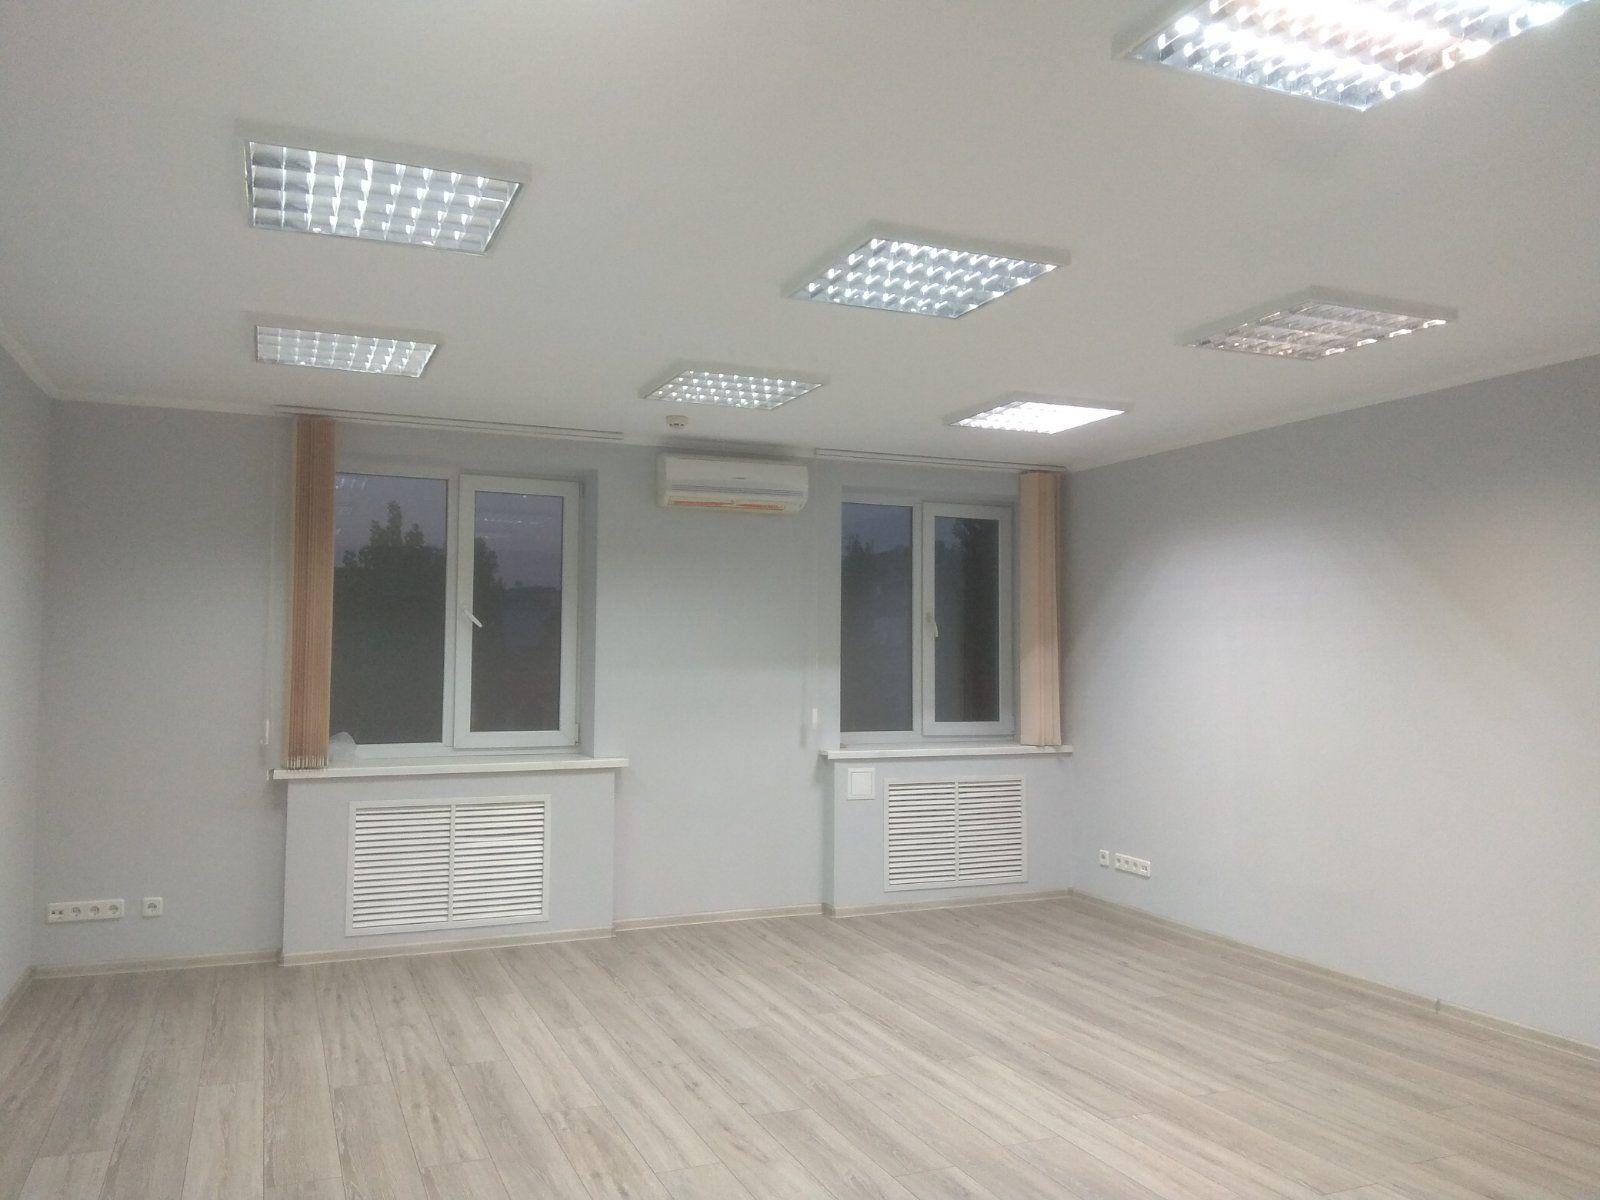 Офис, W-6249536, Верхний Вал, 30а, Киев - Фото 2